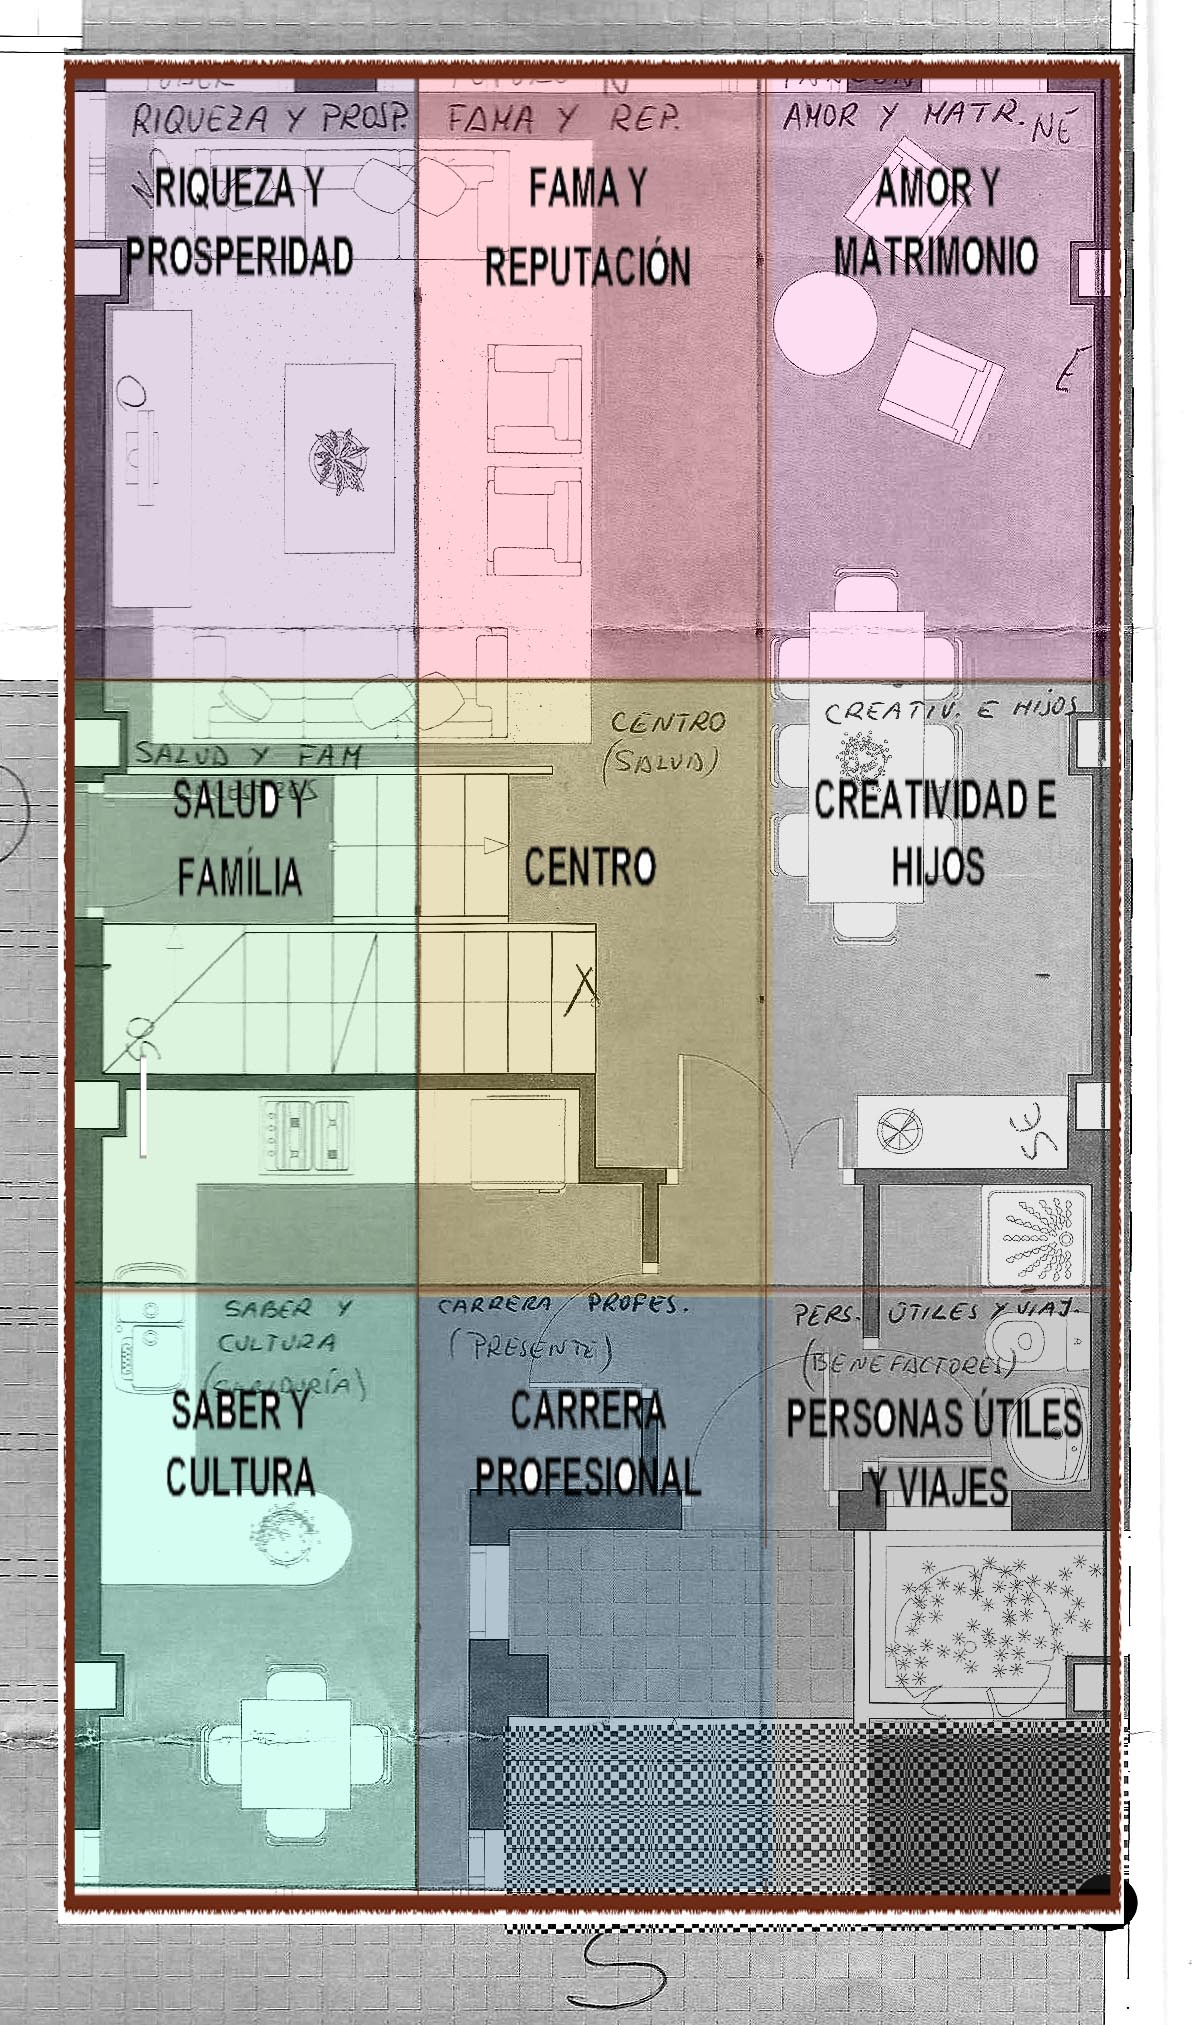 Casa feng shui el blog de feng shui y arquitectura for Segun el feng shui que color debo pintar mi casa